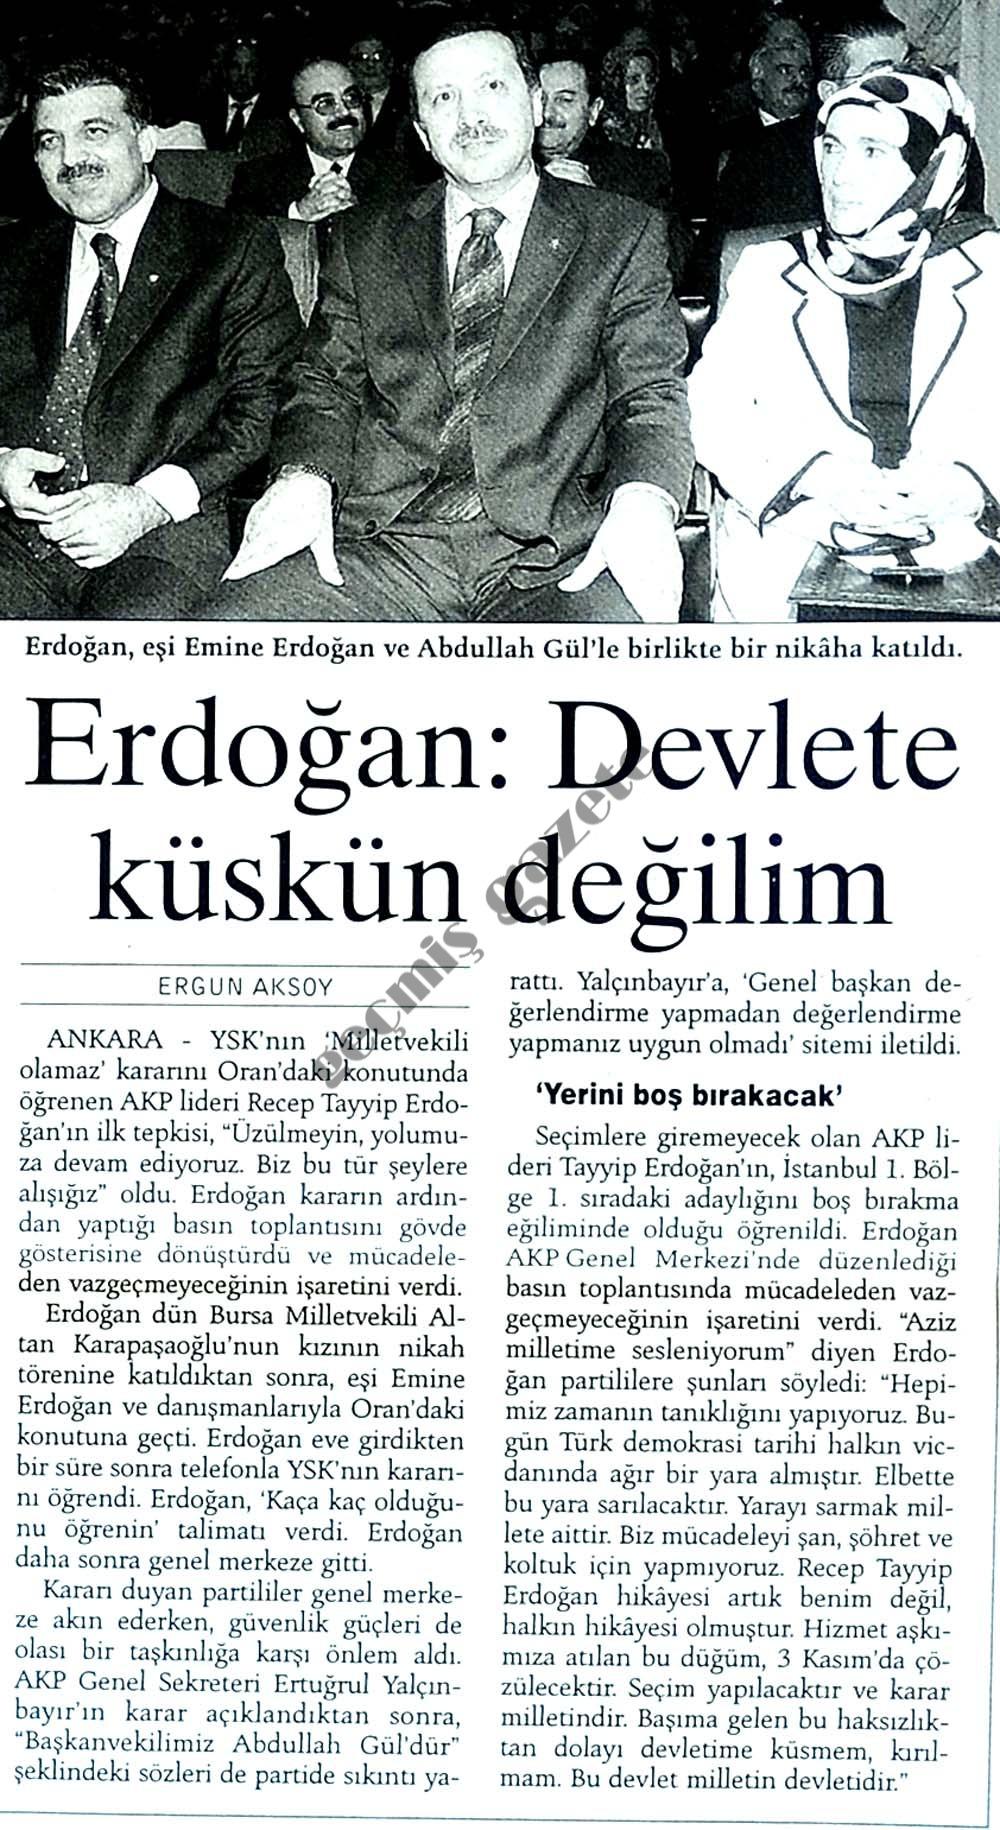 Erdoğan: Devlete küskün değilim